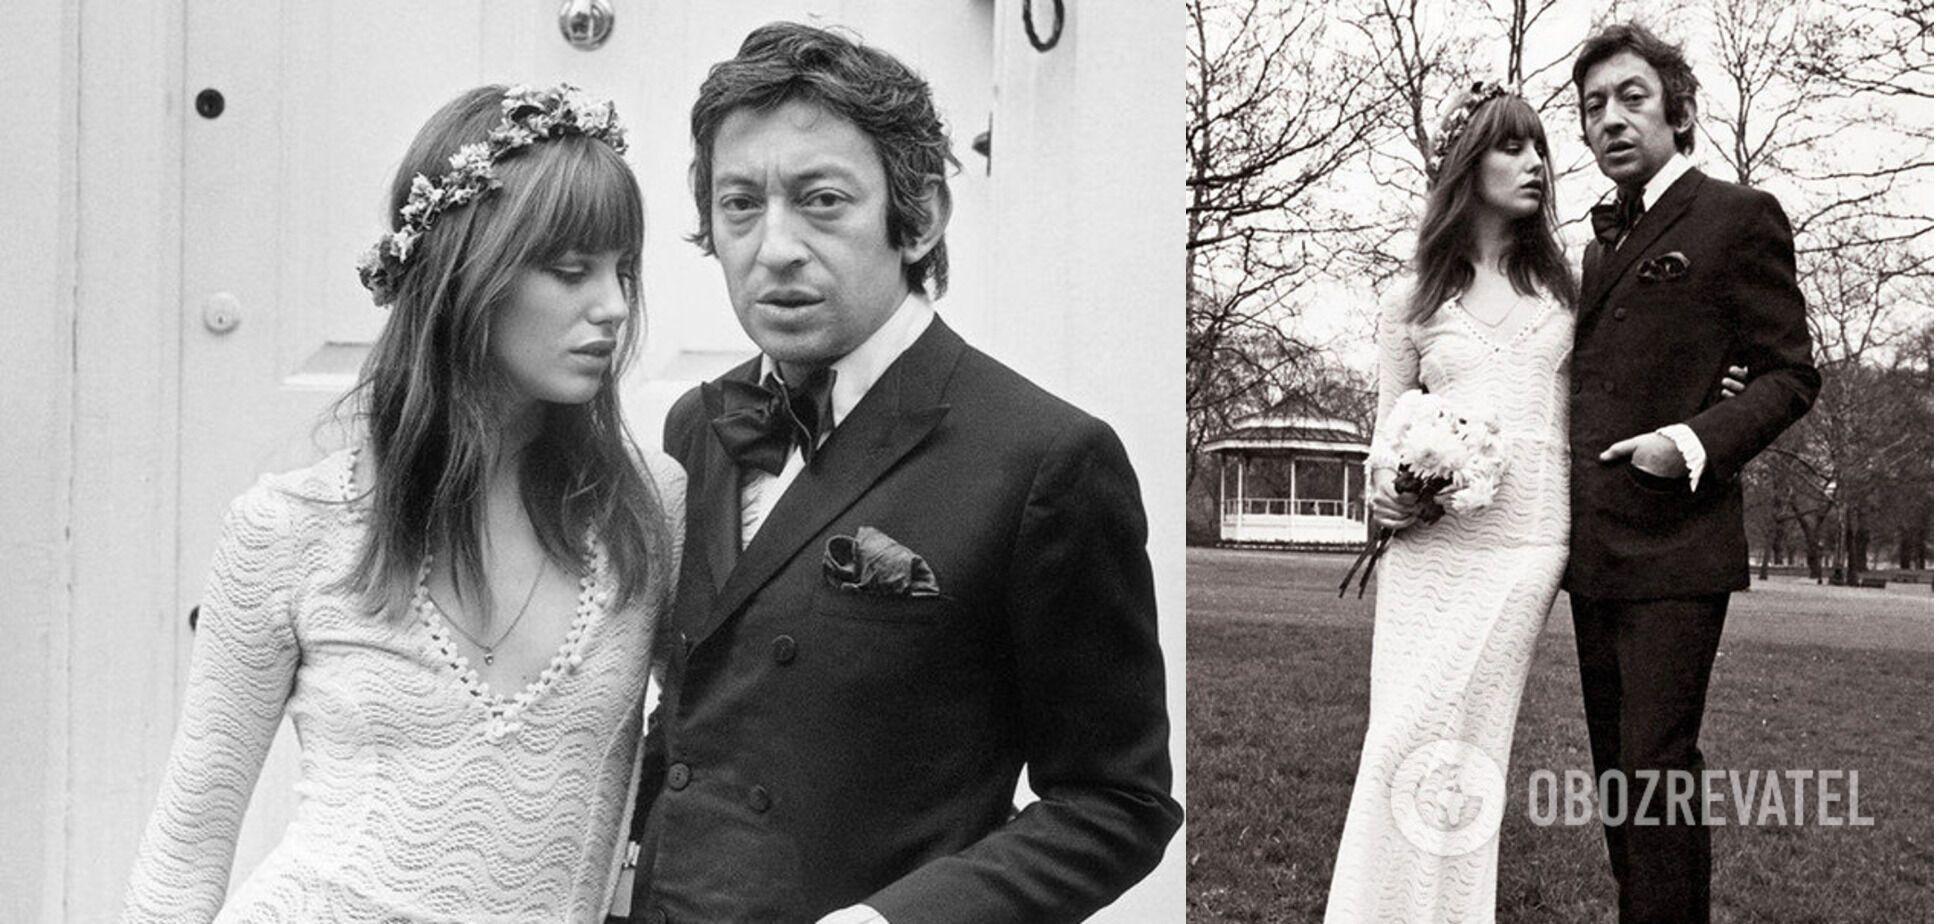 У самой красивой пары Франции Сержа Генсбура и Джейн Биркин были страстные отношения.